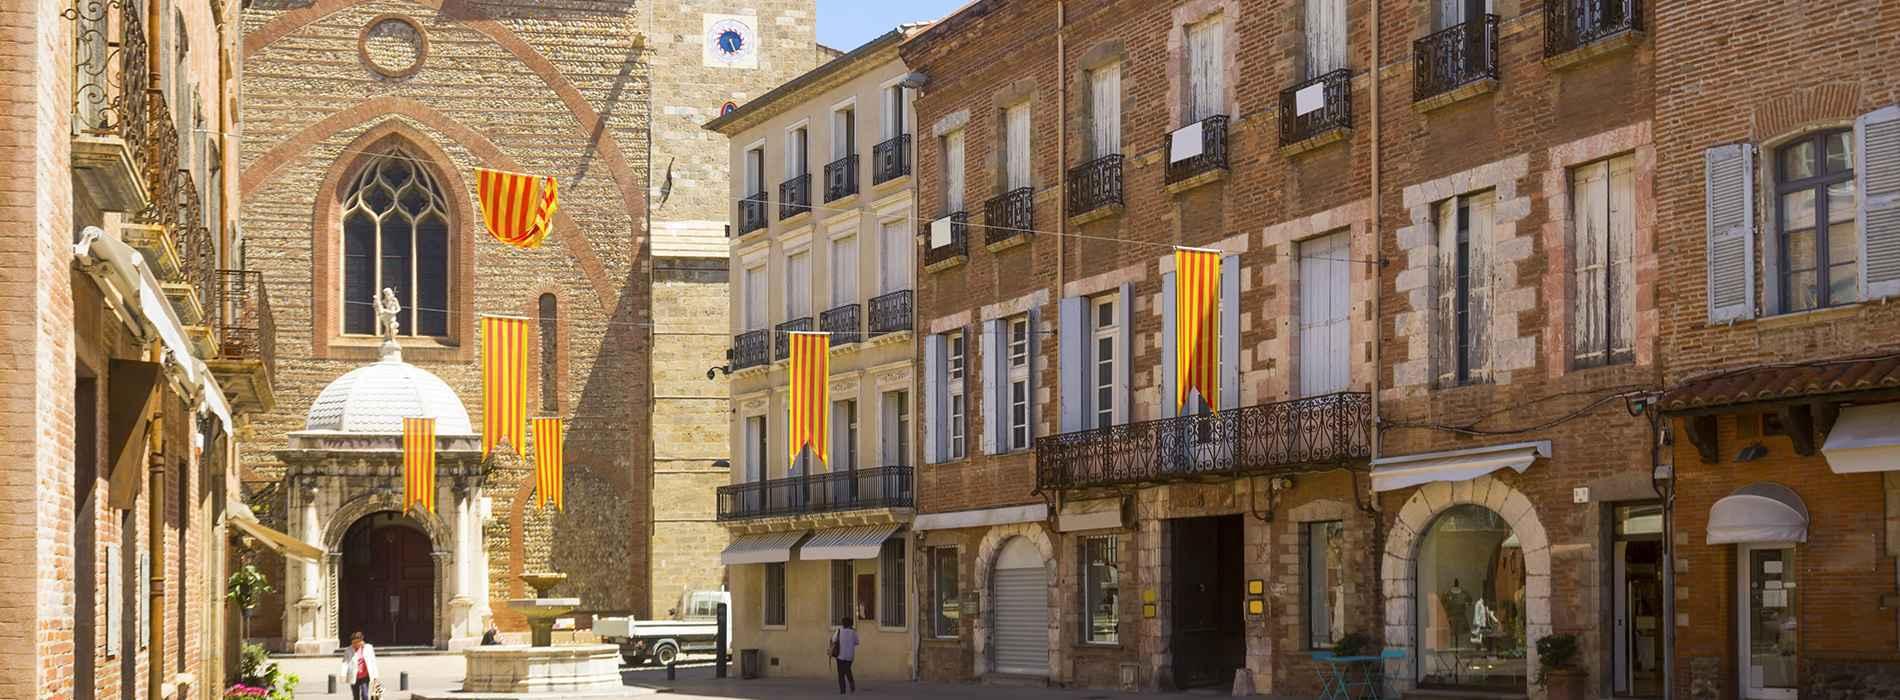 Cabinet De La Cite A Perpignan Syndic Location Et Vente